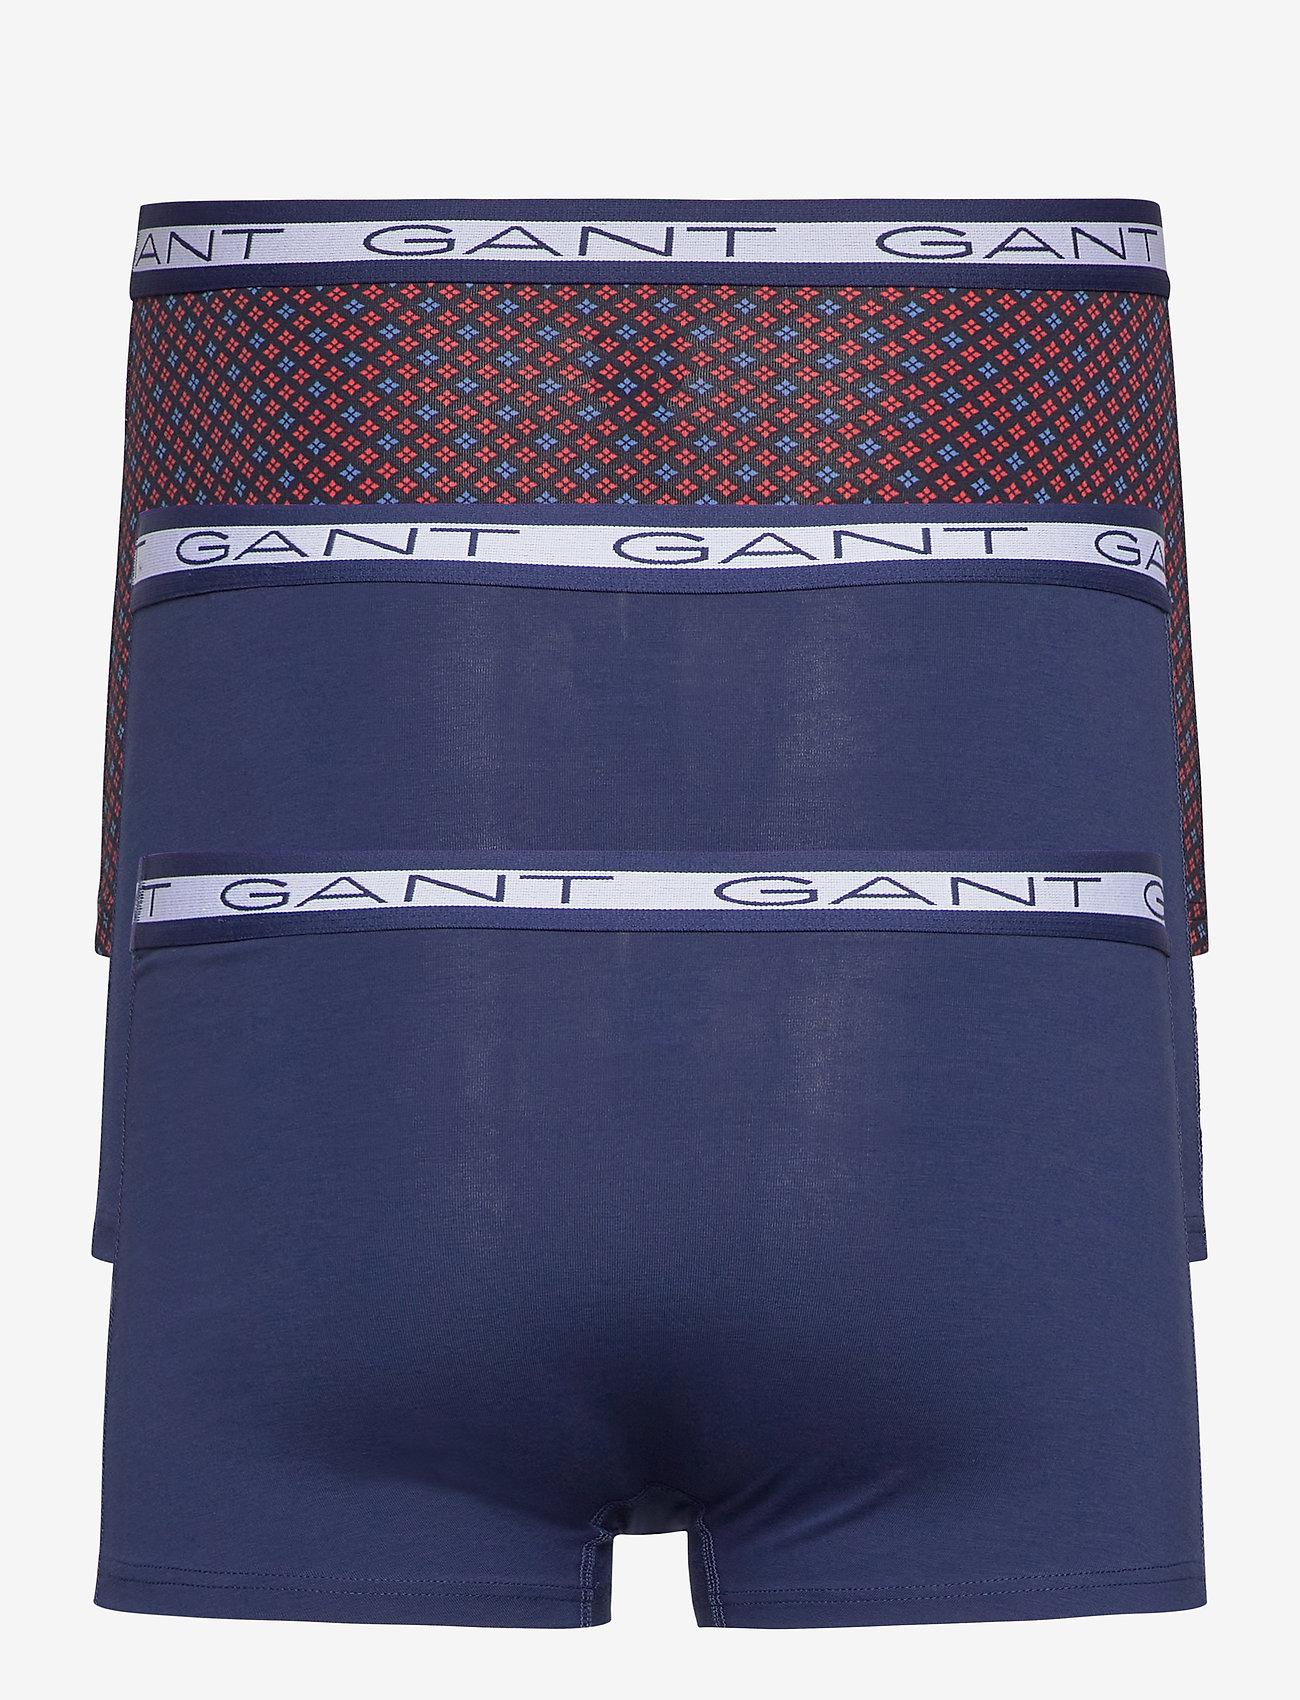 GANT 3-PACK BASIC TRUNK MINI STAR - Boxershortser PERSIAN BLUE - Menn Klær